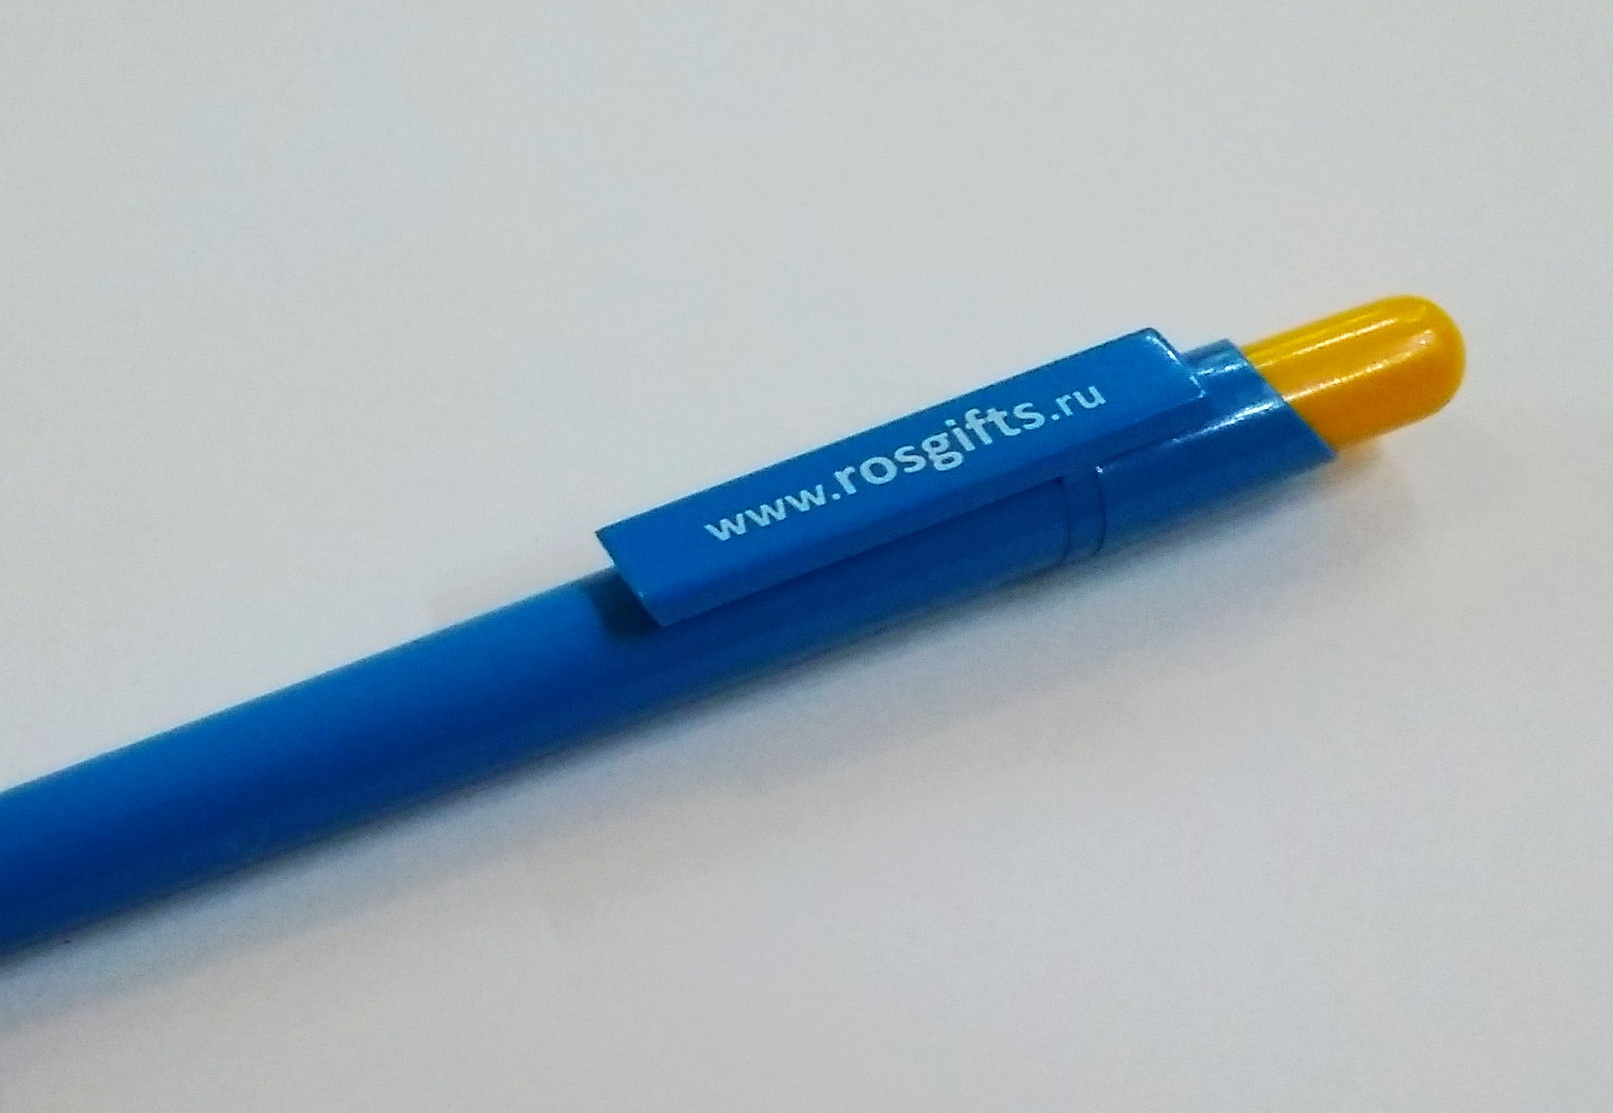 ручки в цветах флага Казахстана